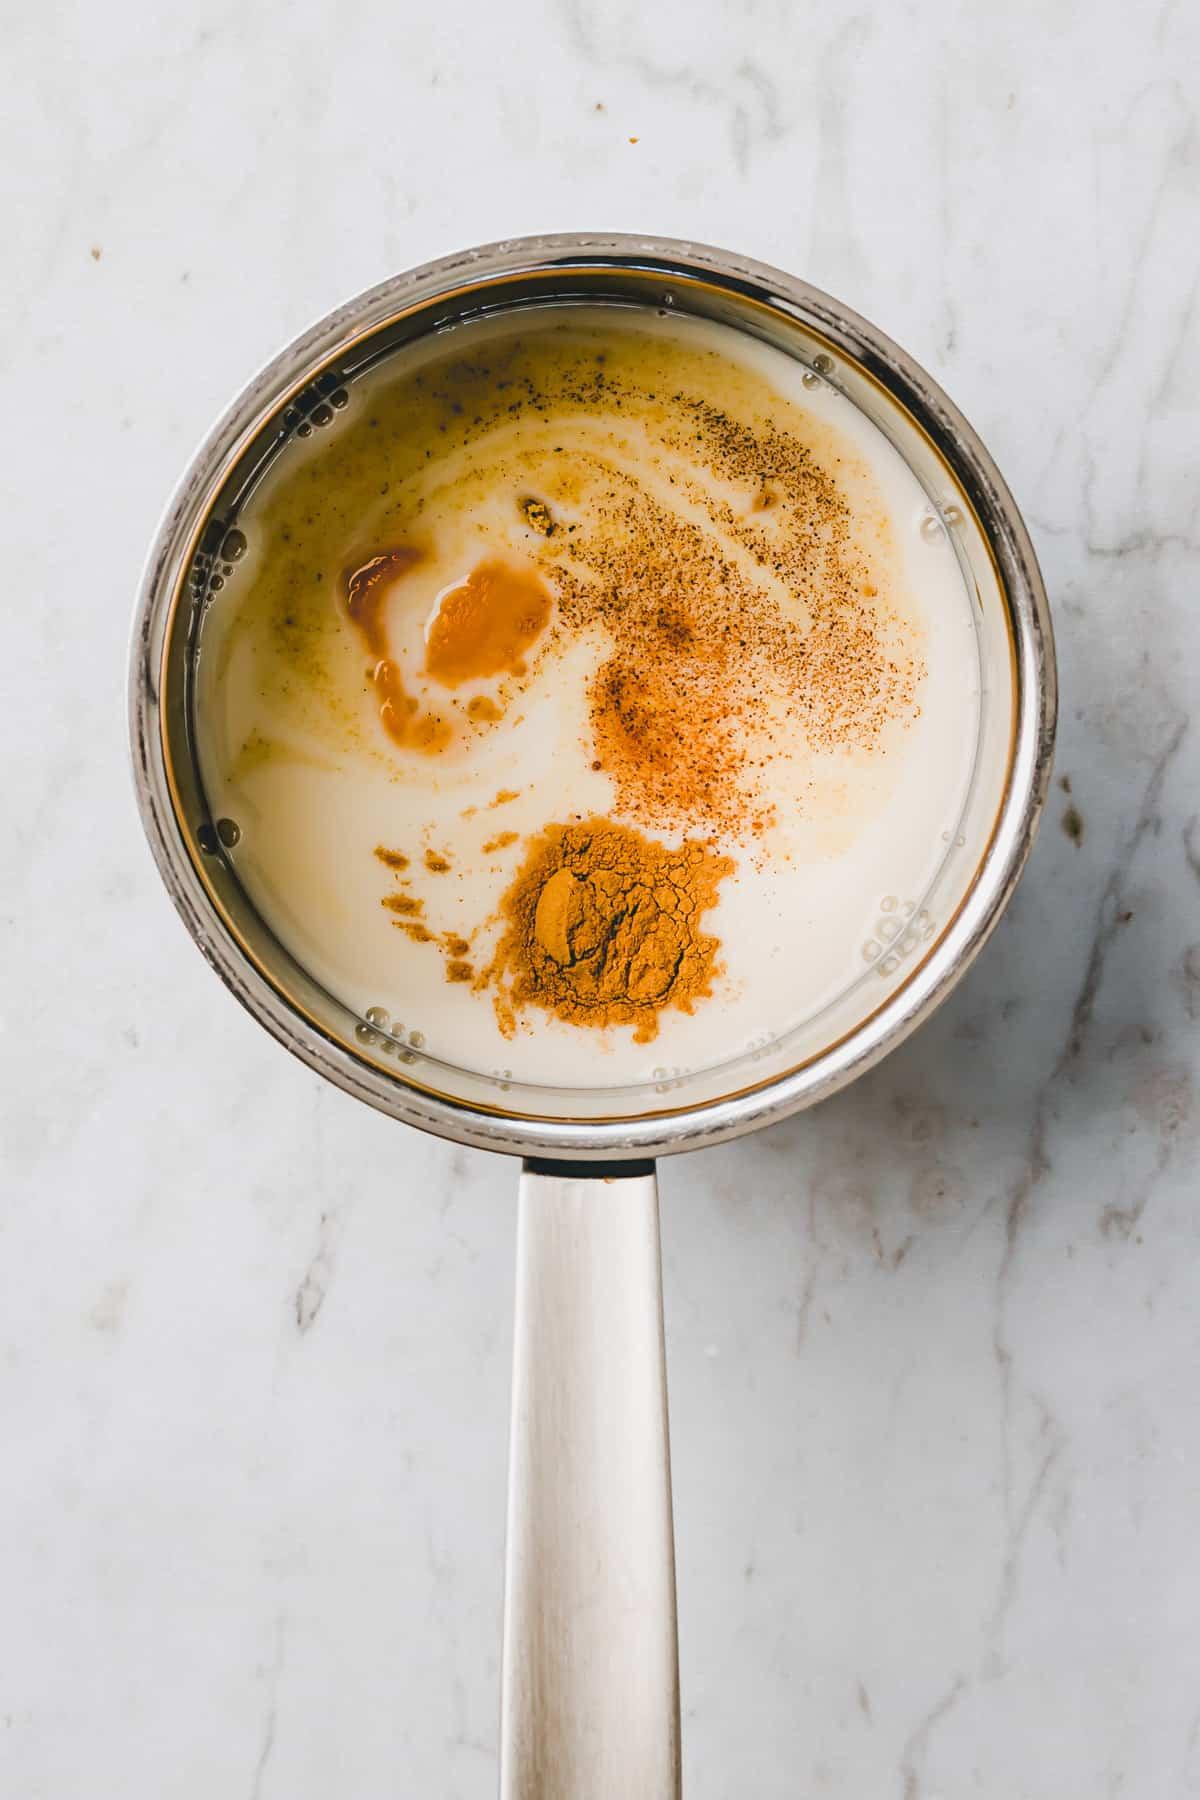 vegan pumpkin spice latte recipe step 1